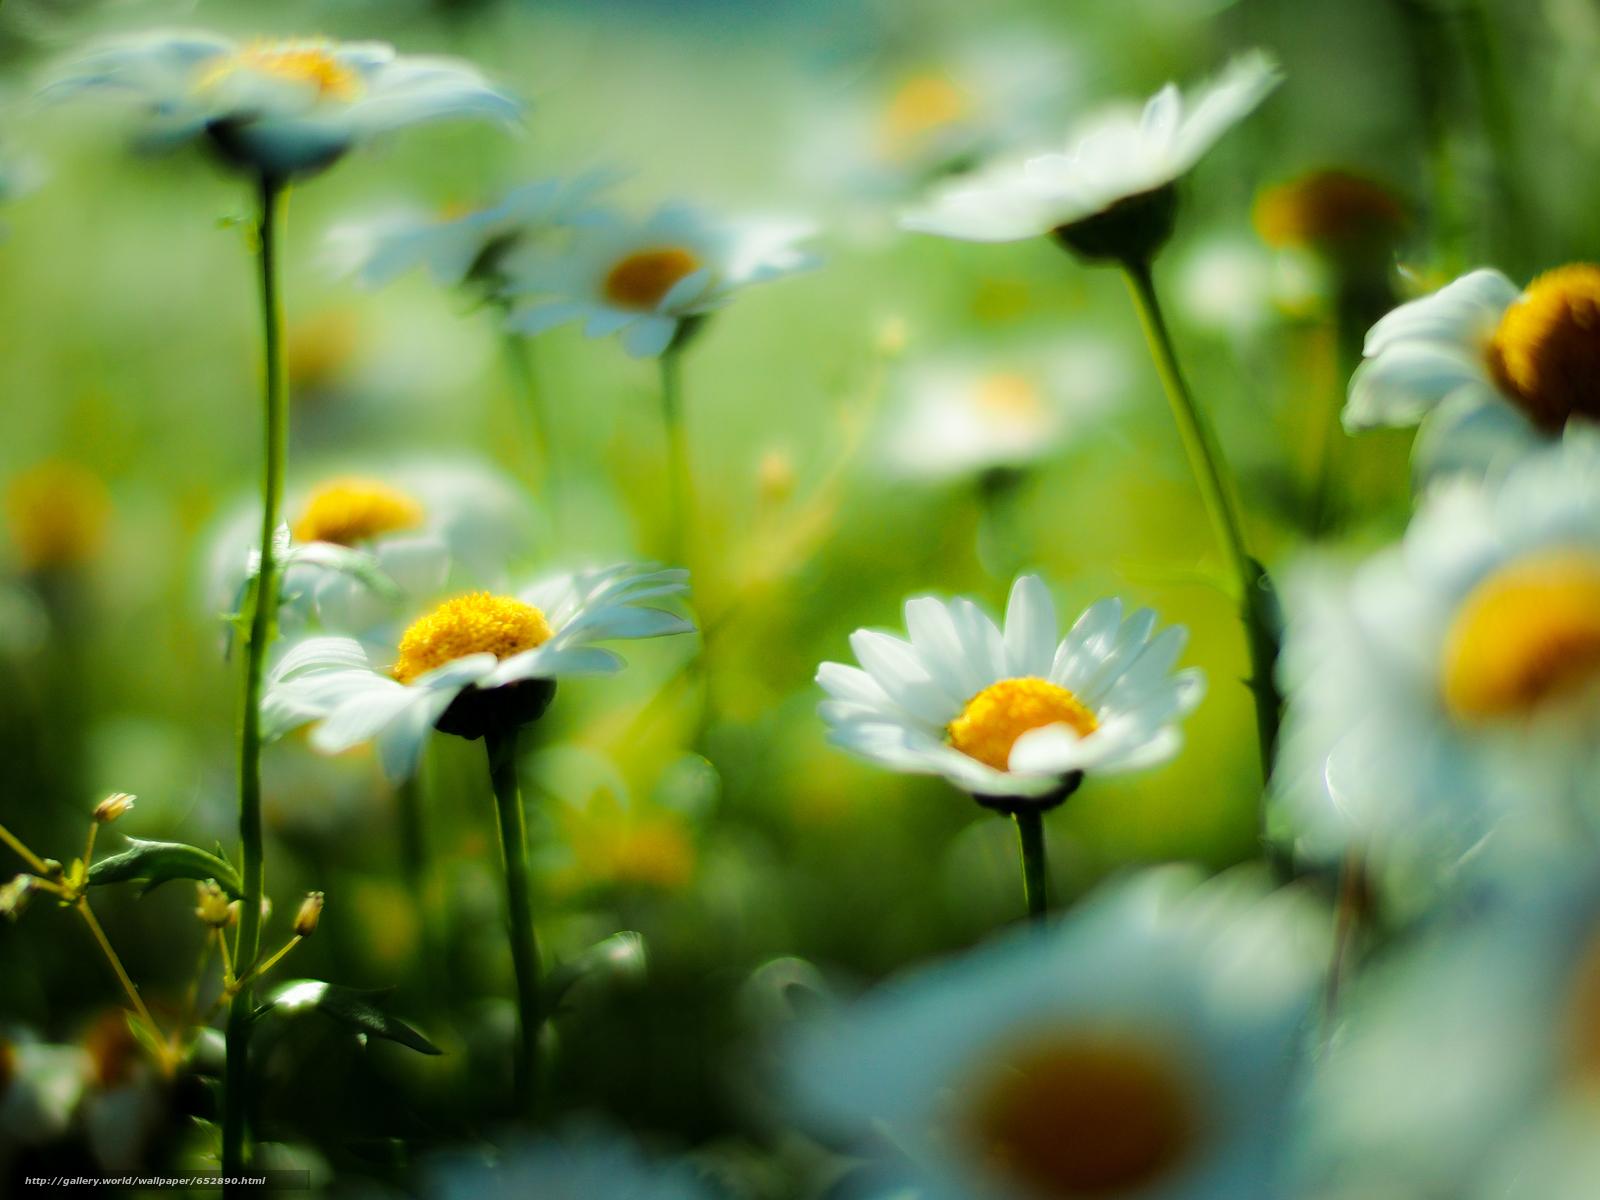 下载壁纸 场,  黄春菊,  花卉,  宏 免费为您的桌面分辨率的壁纸 3200x2400 — 图片 №652890